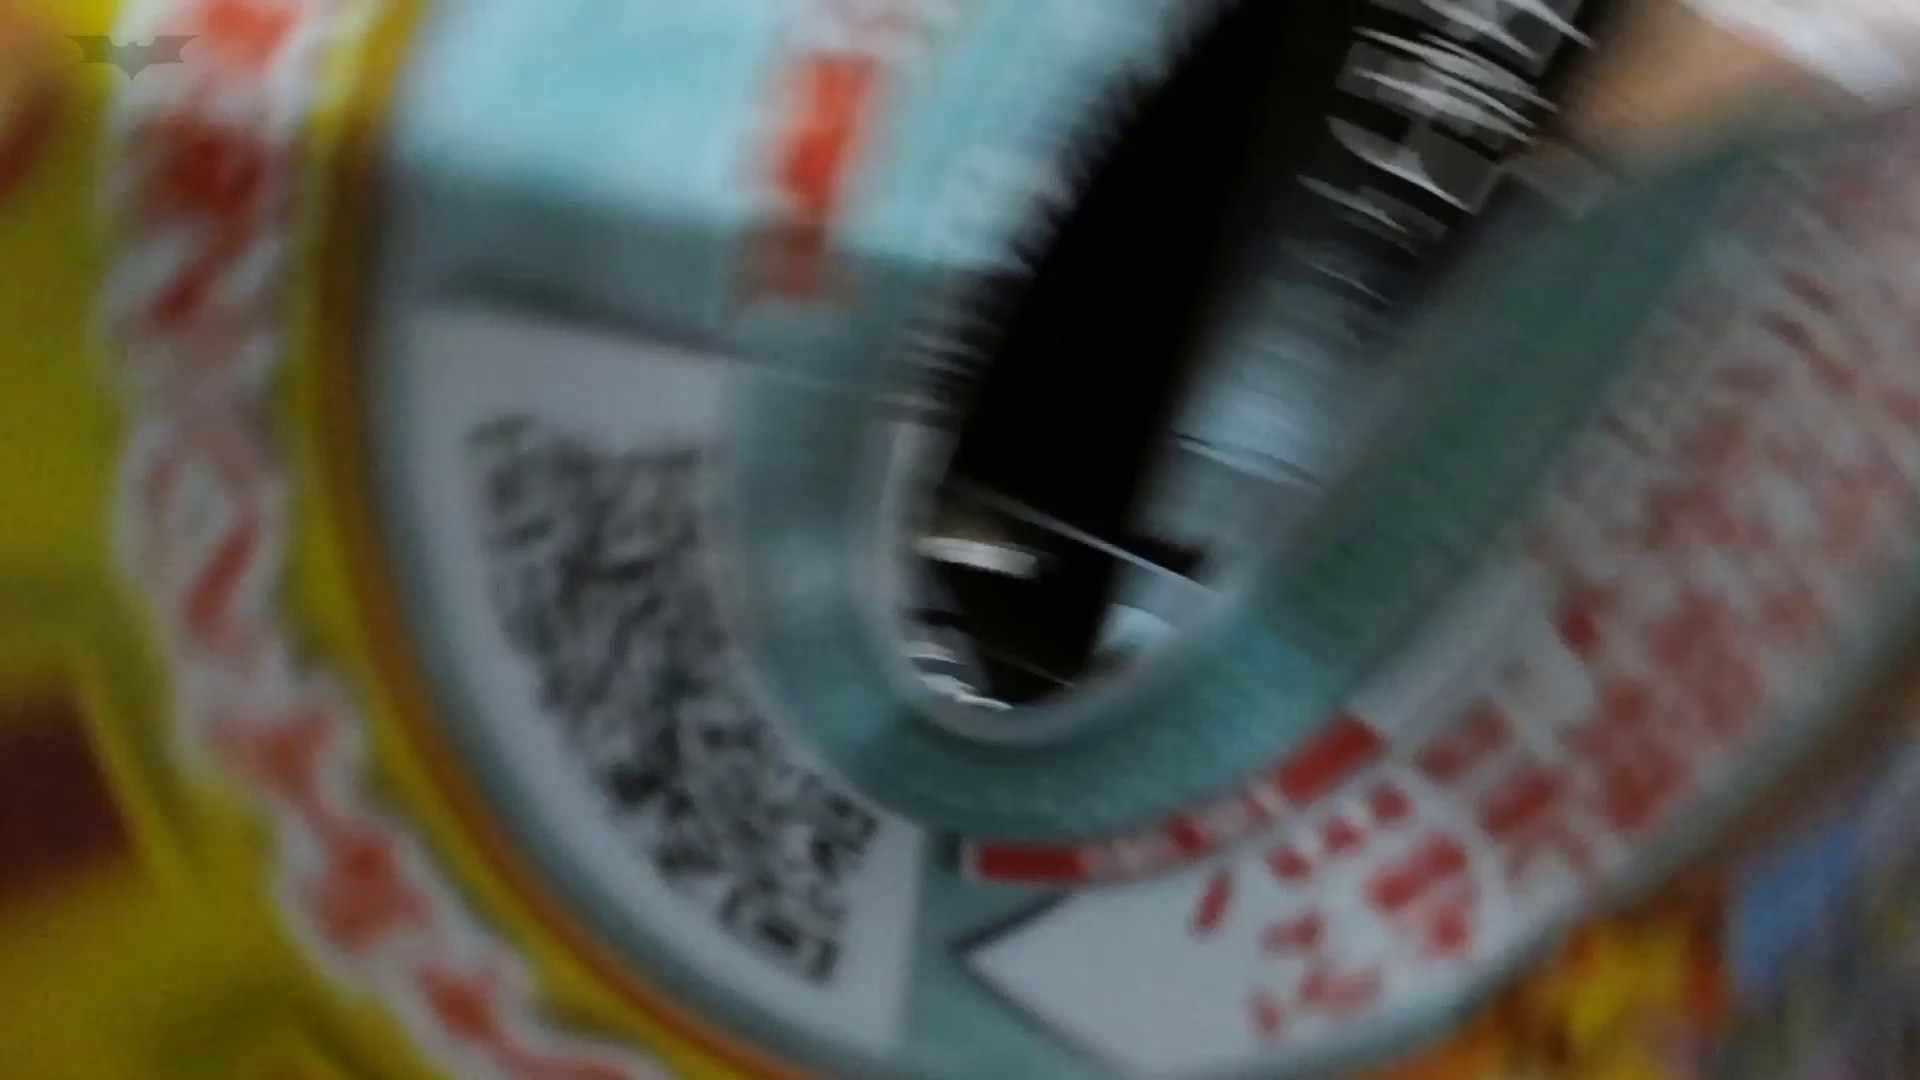 悪戯ネットカフェ Vol16 前篇 JD系モリマン発見!! イタズラ  99PIX 32